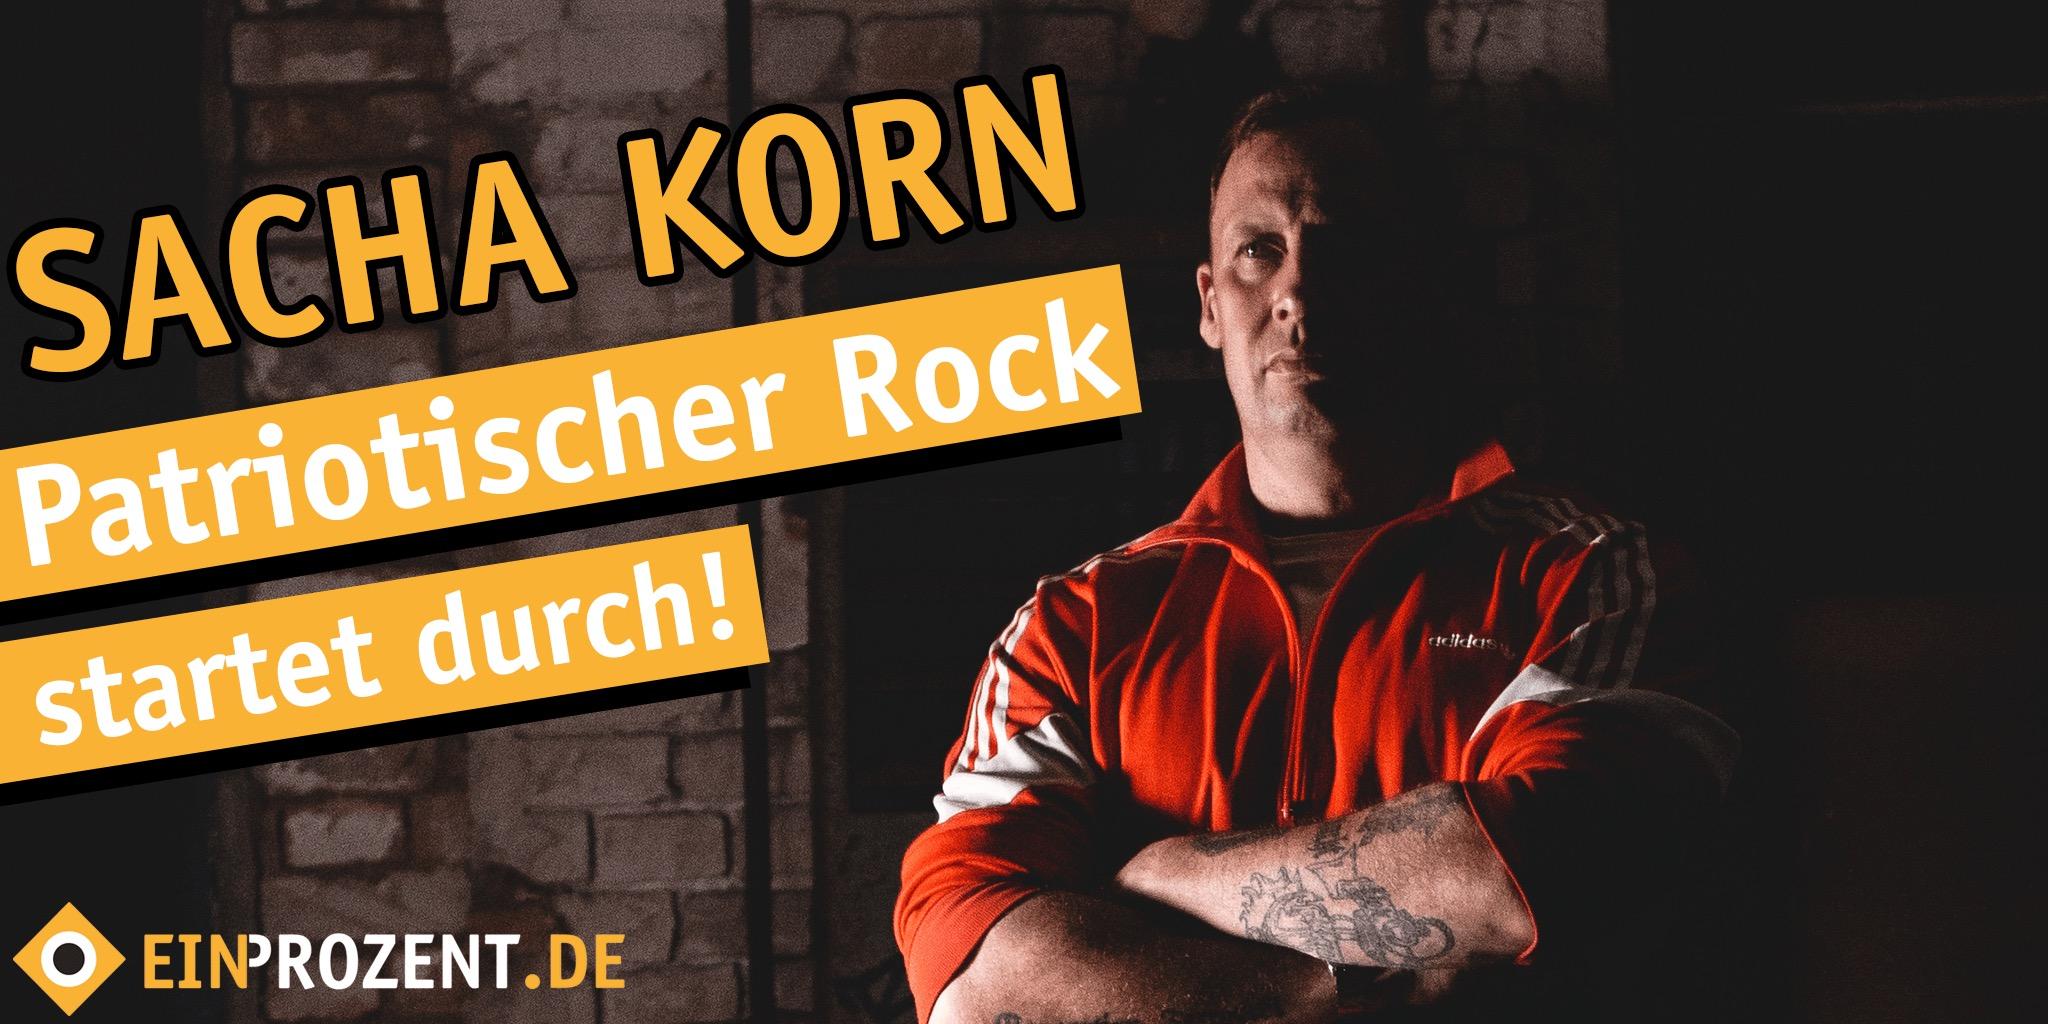 Patriotischer Rock Sacha Korn Unsere Kraft